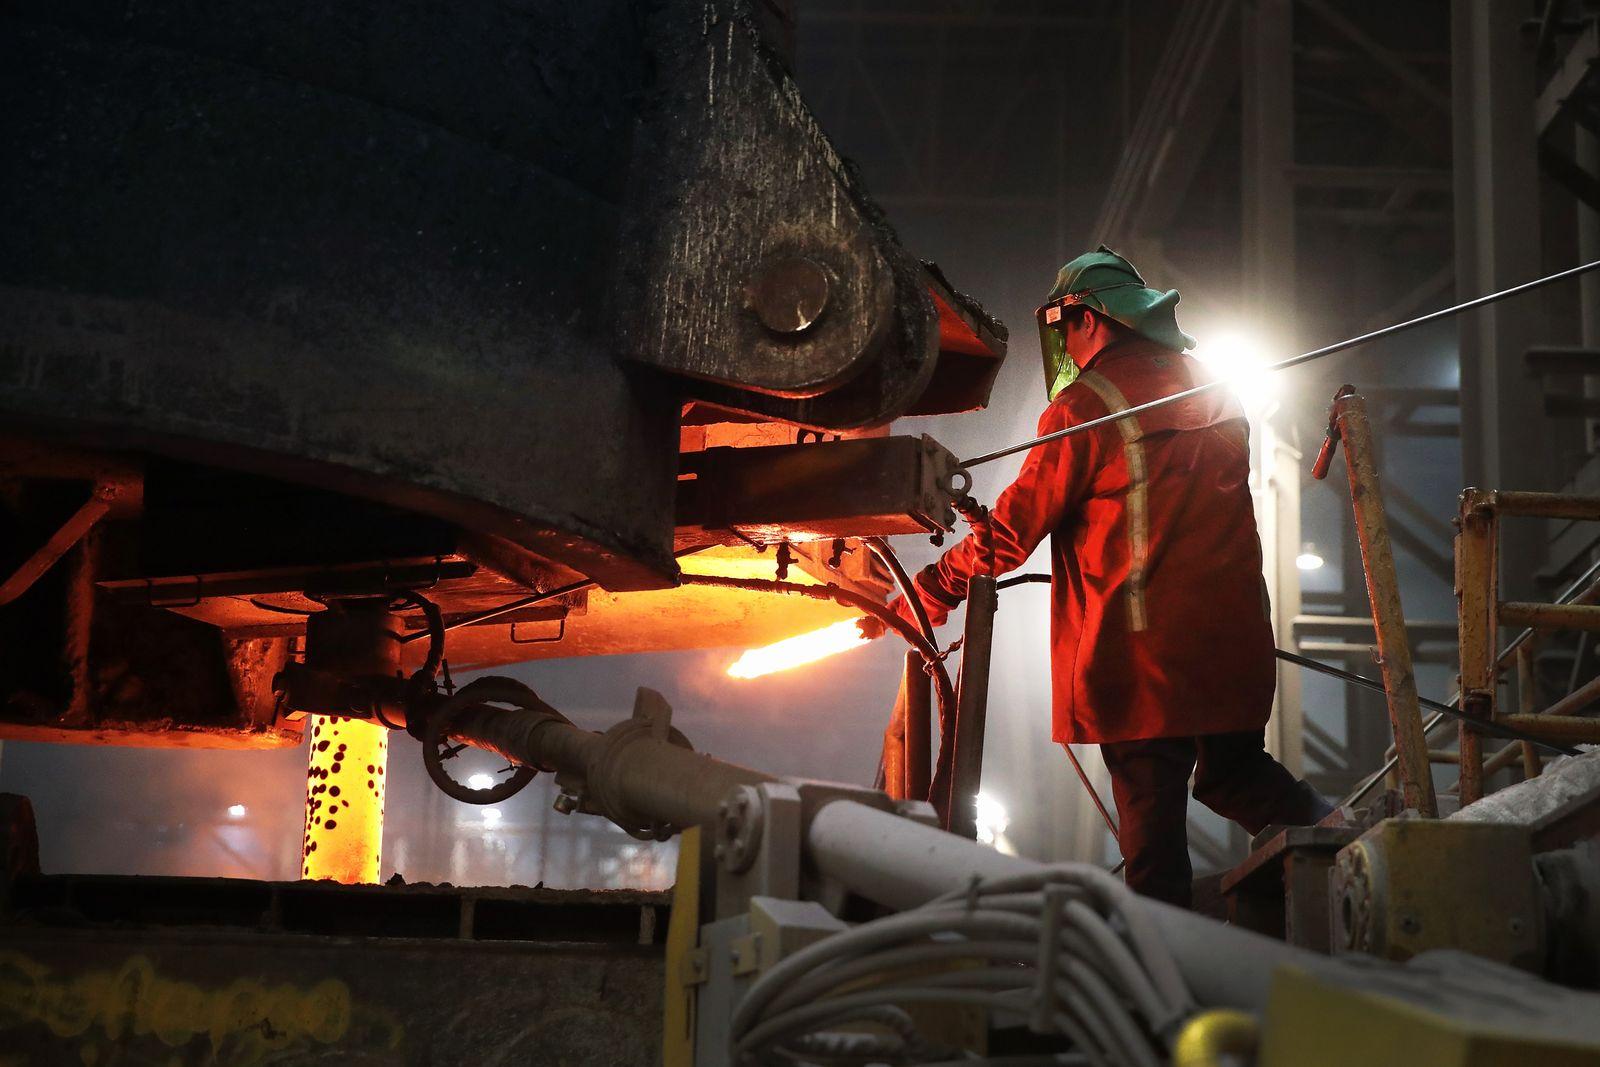 USA / Konjunktur / Stahl-Industrie / Wirtschaft